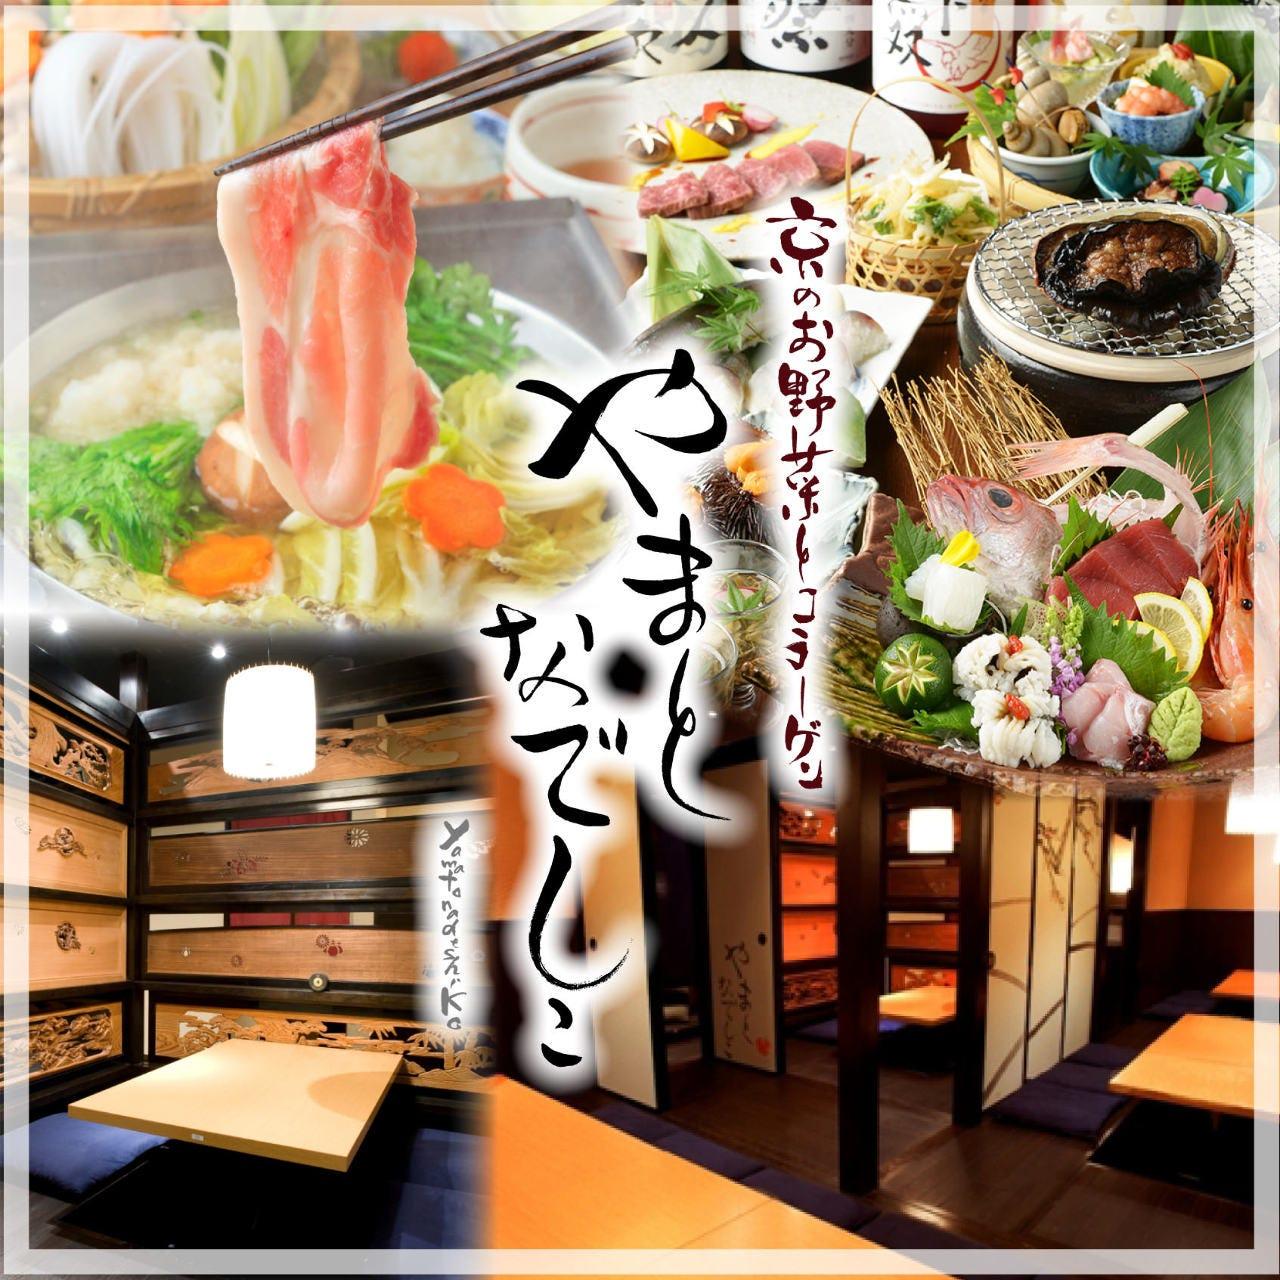 天ぷら しゃぶしゃぶ やまとなでしこ 藤が丘店のイメージ写真